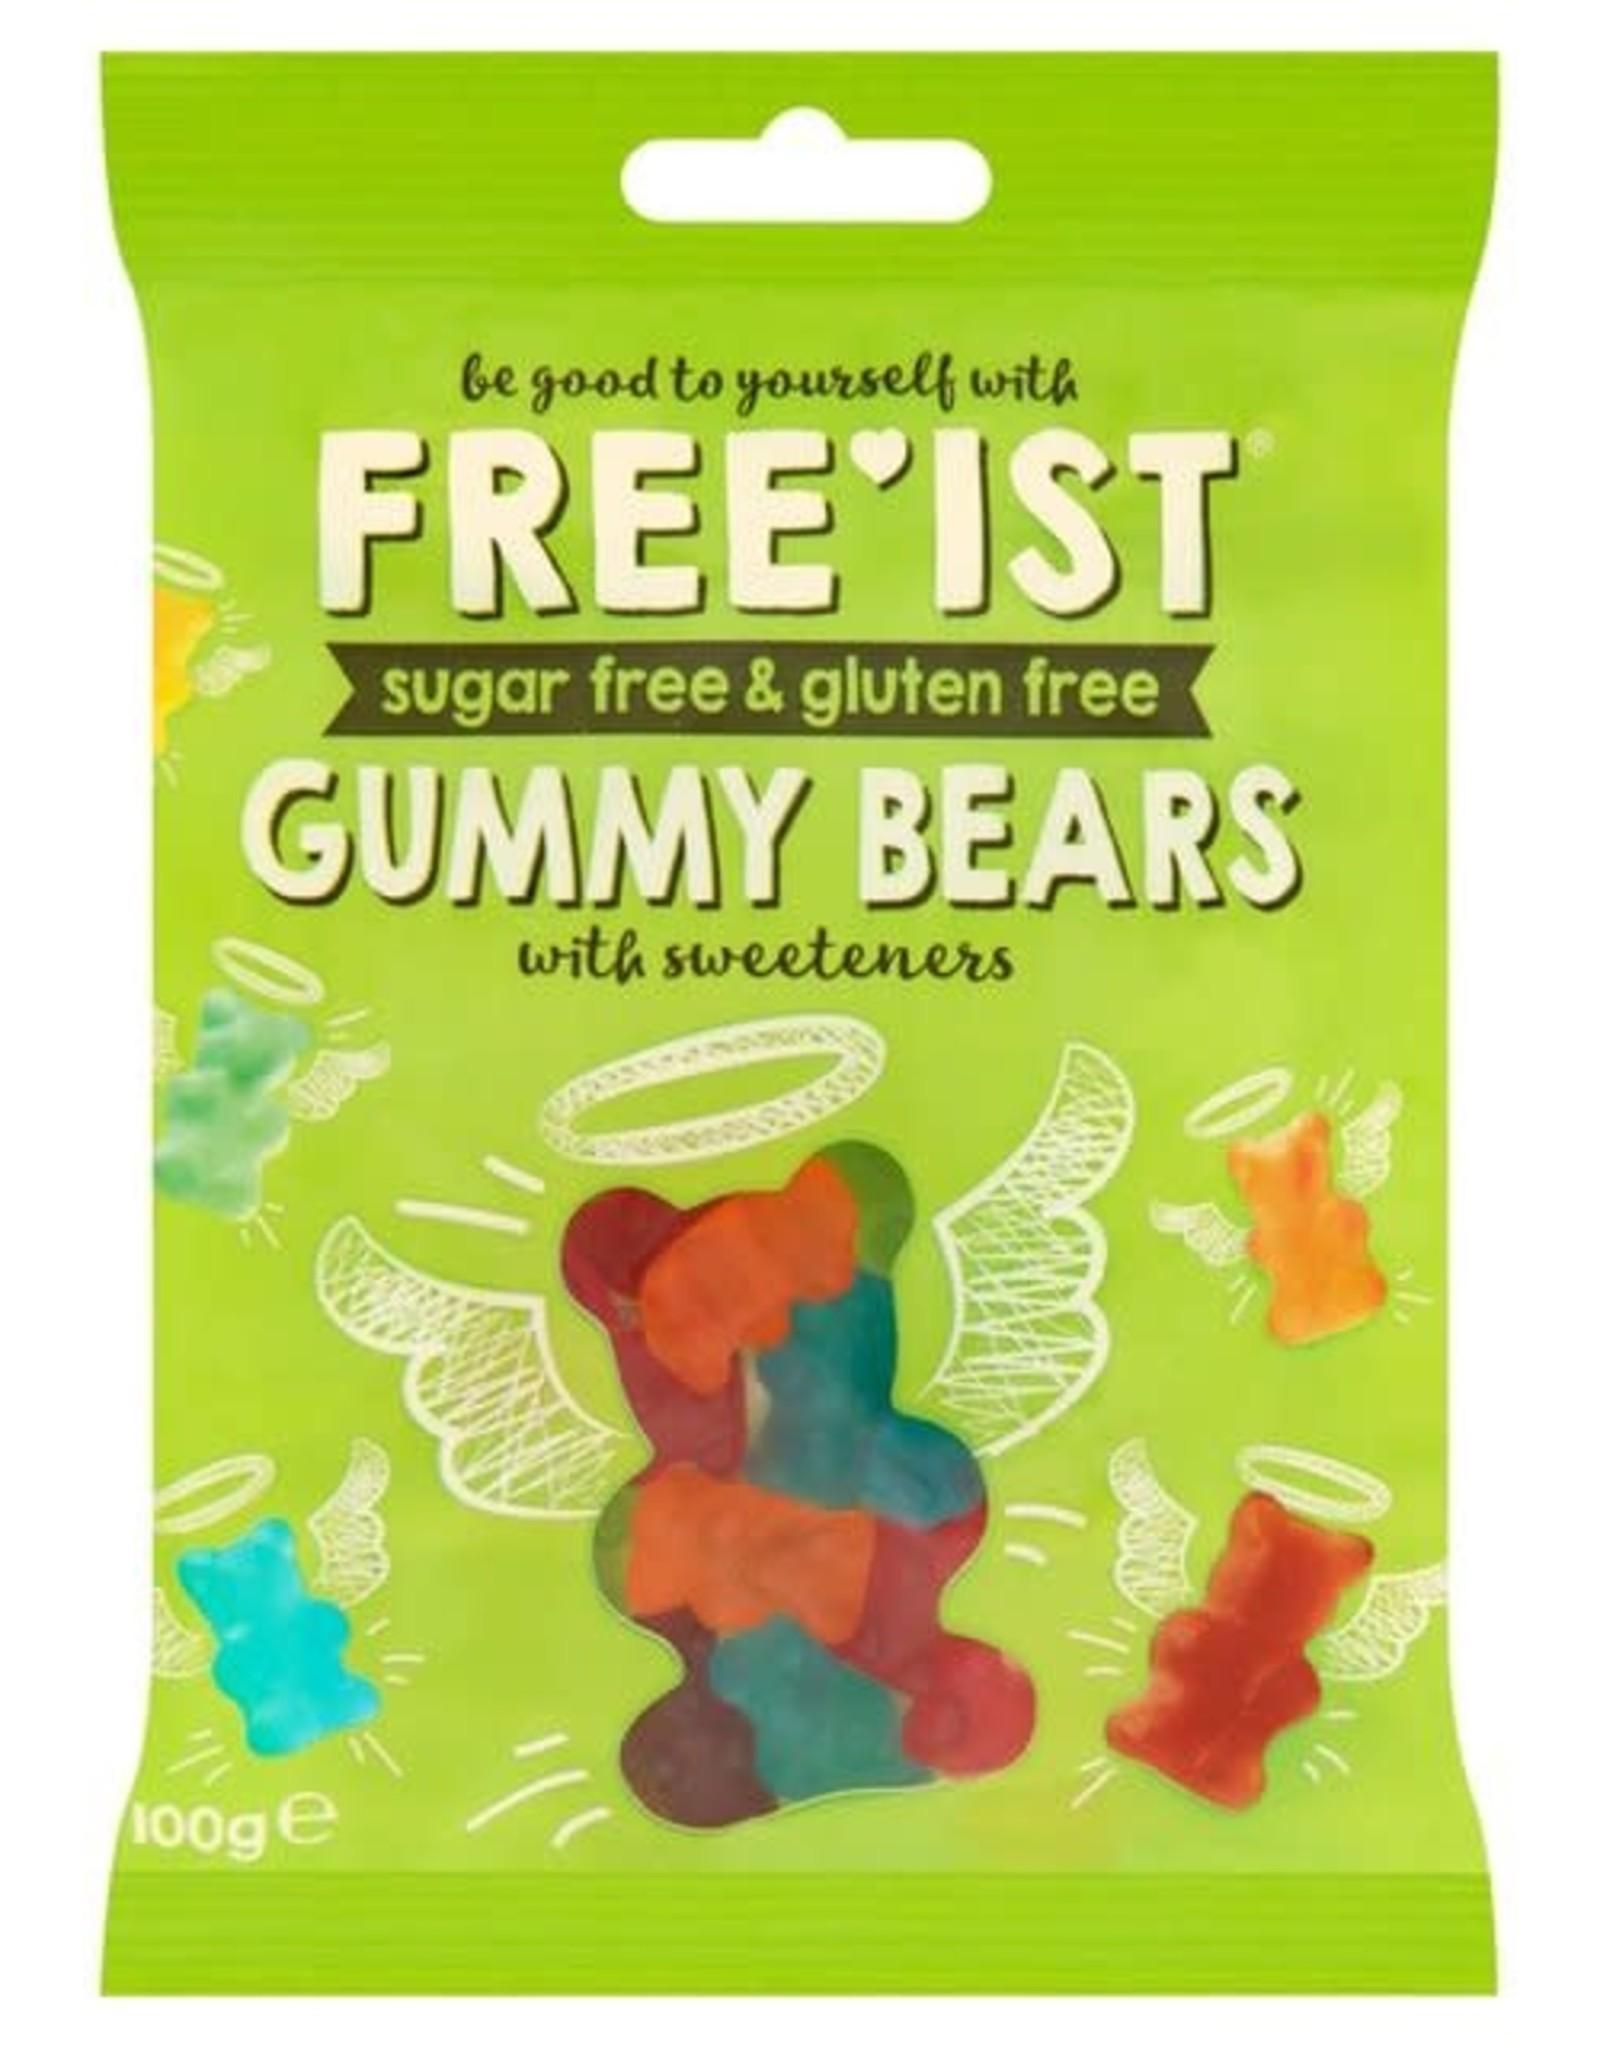 Free Ist Free Ist Sugar Free & Gluten Free Gummy Bears 100g